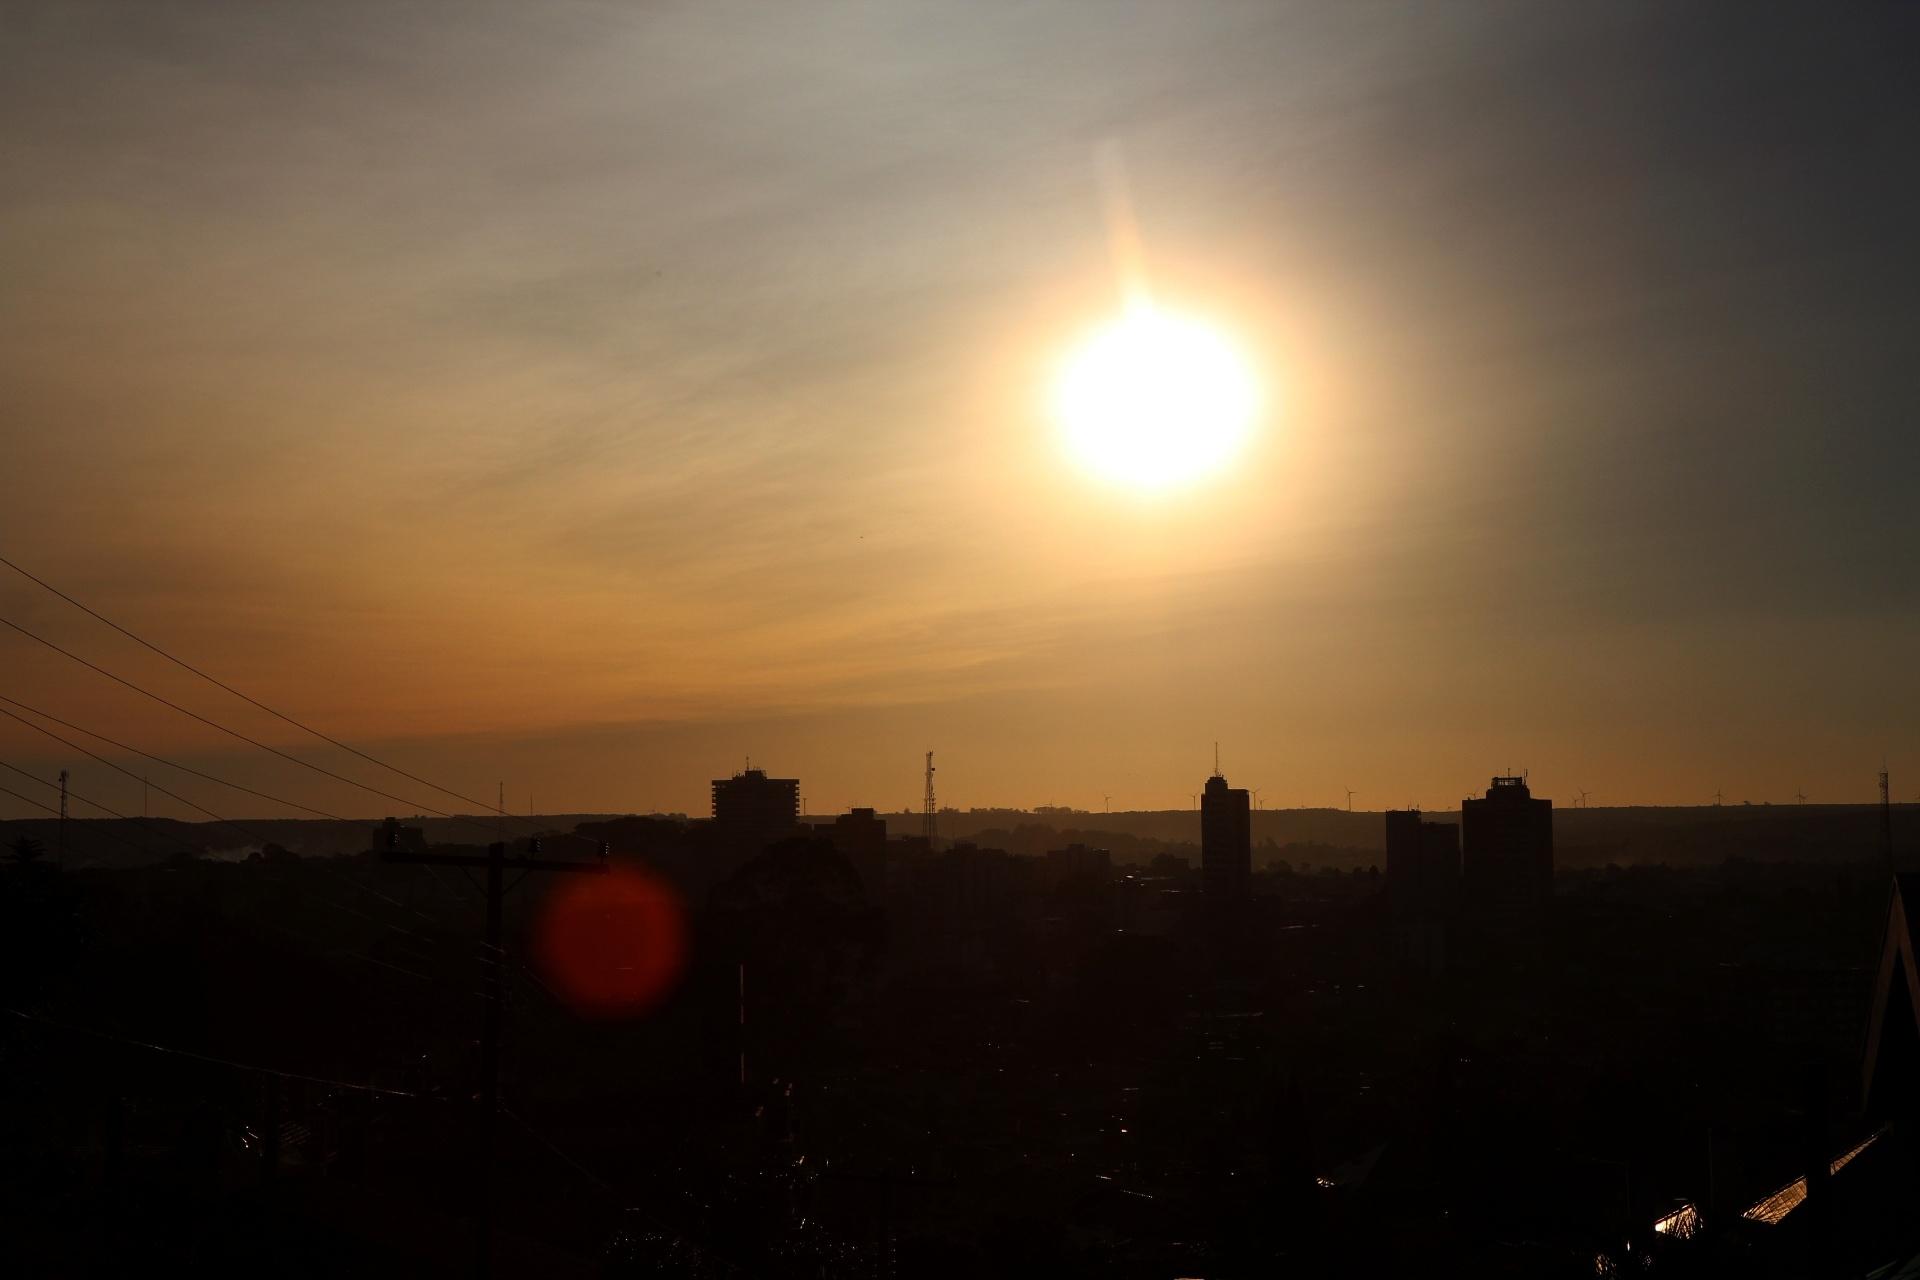 24.abr.2015 - As cinzas do vulcão Cabulco, que entrou em erupção no sul do Chile, chegaram a Santana do Livramento, no Rio Grande do Sul, na fronteira com Rivera, no Uruguai, nesta sexta-feira (24)